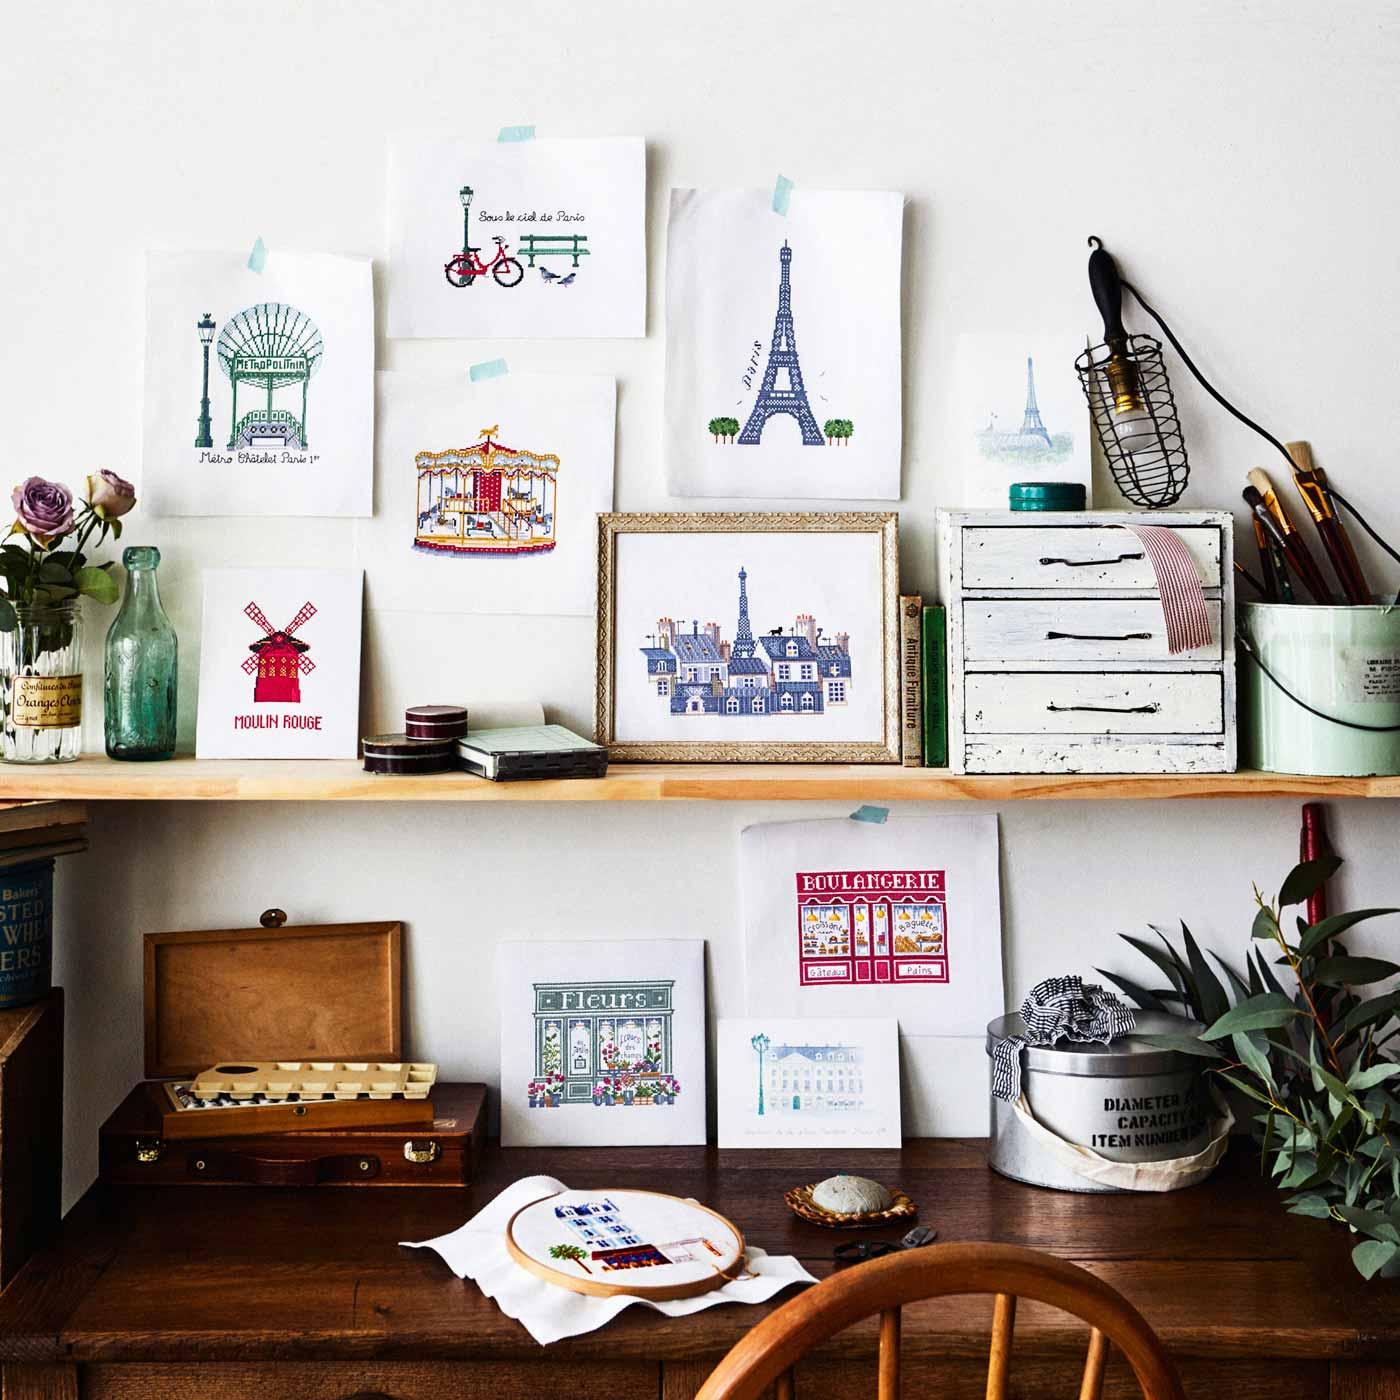 お部屋がまるでパリの街角みたい! スケッチするように描いていくクロスステッチの会